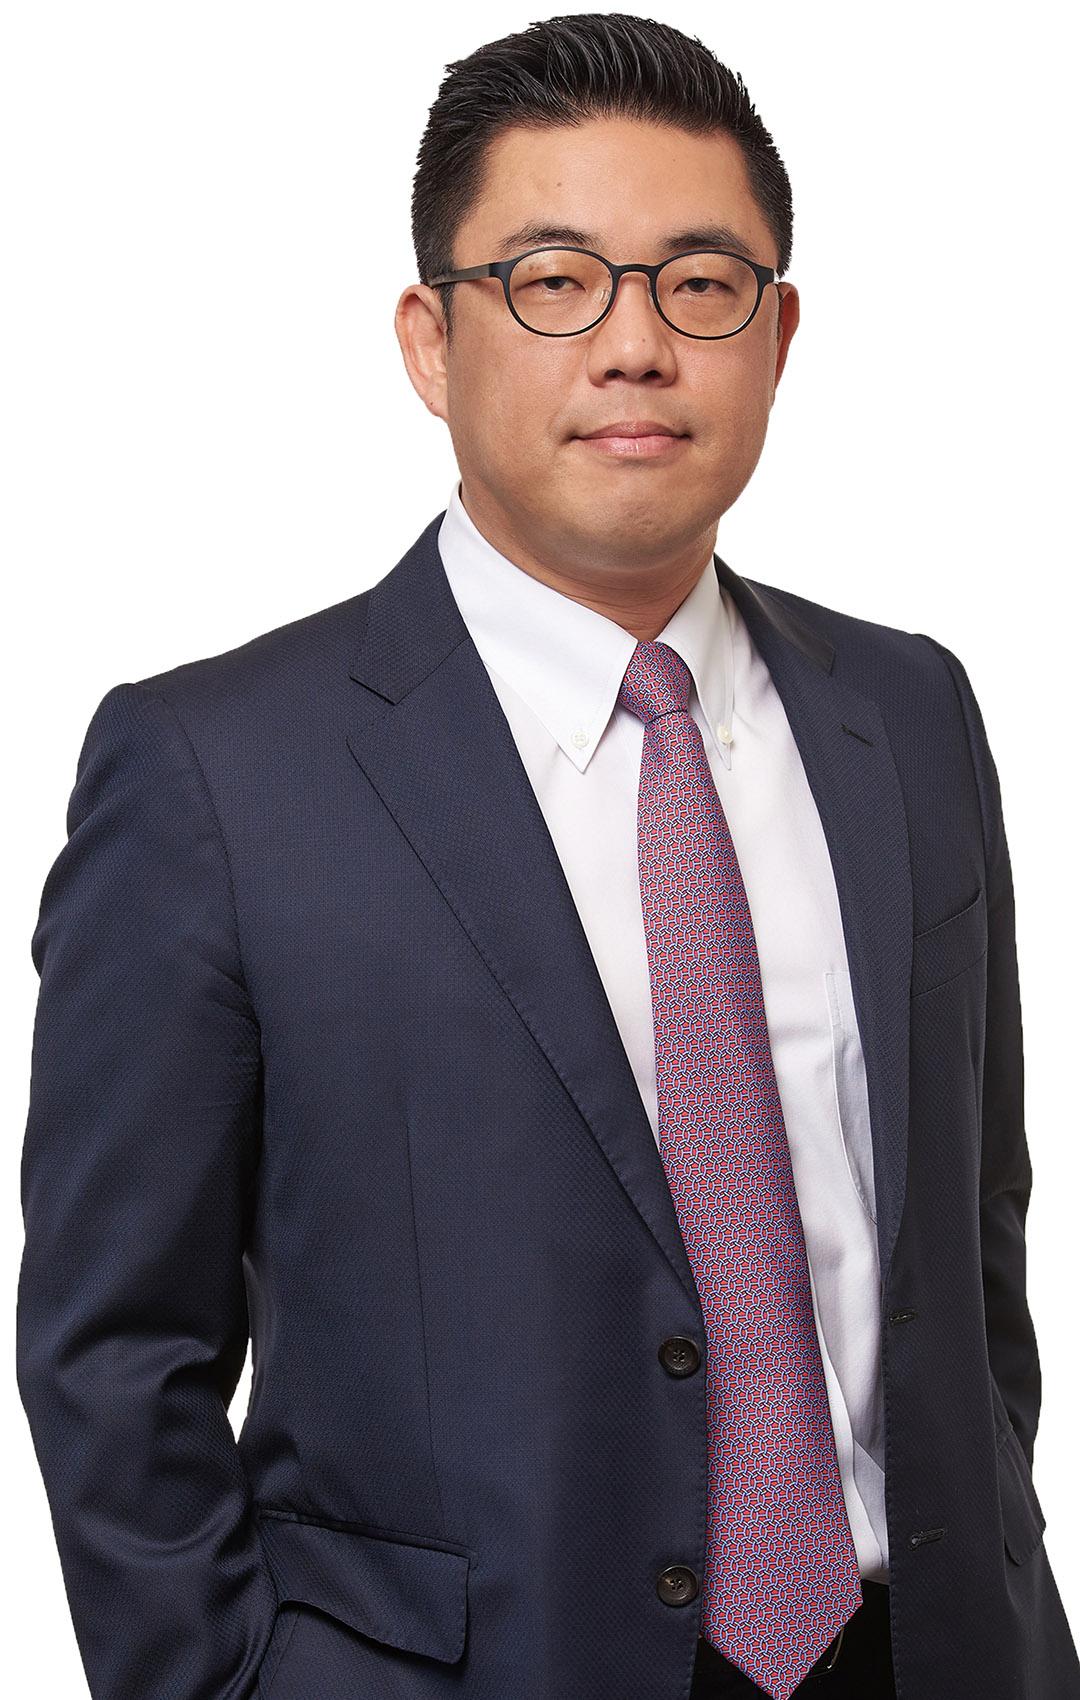 Woojin Shin